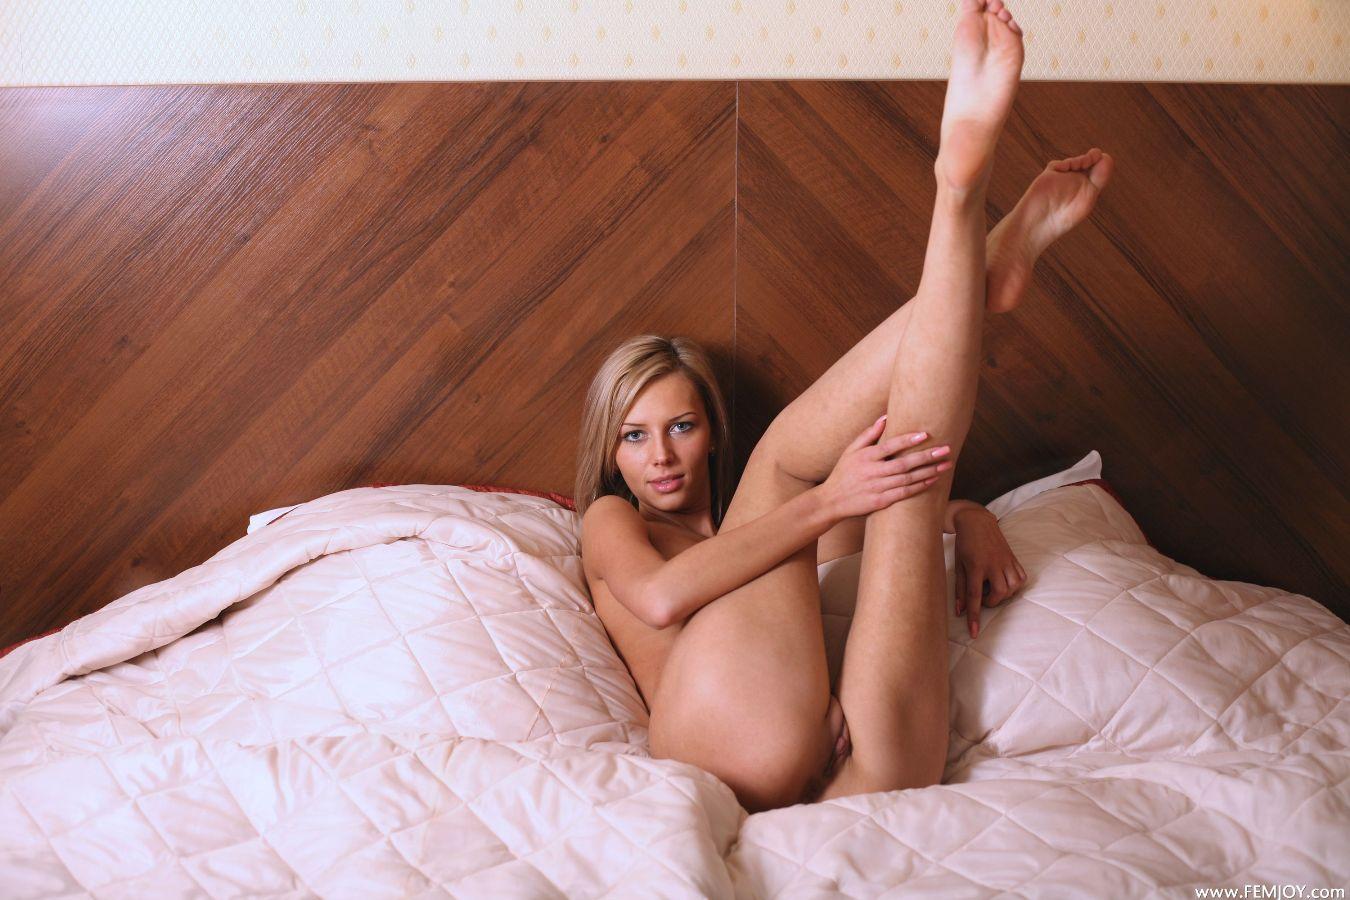 Я голая легла и ноги вверх подняла, Молодая девка разделась до гола и легла на пол 26 фотография